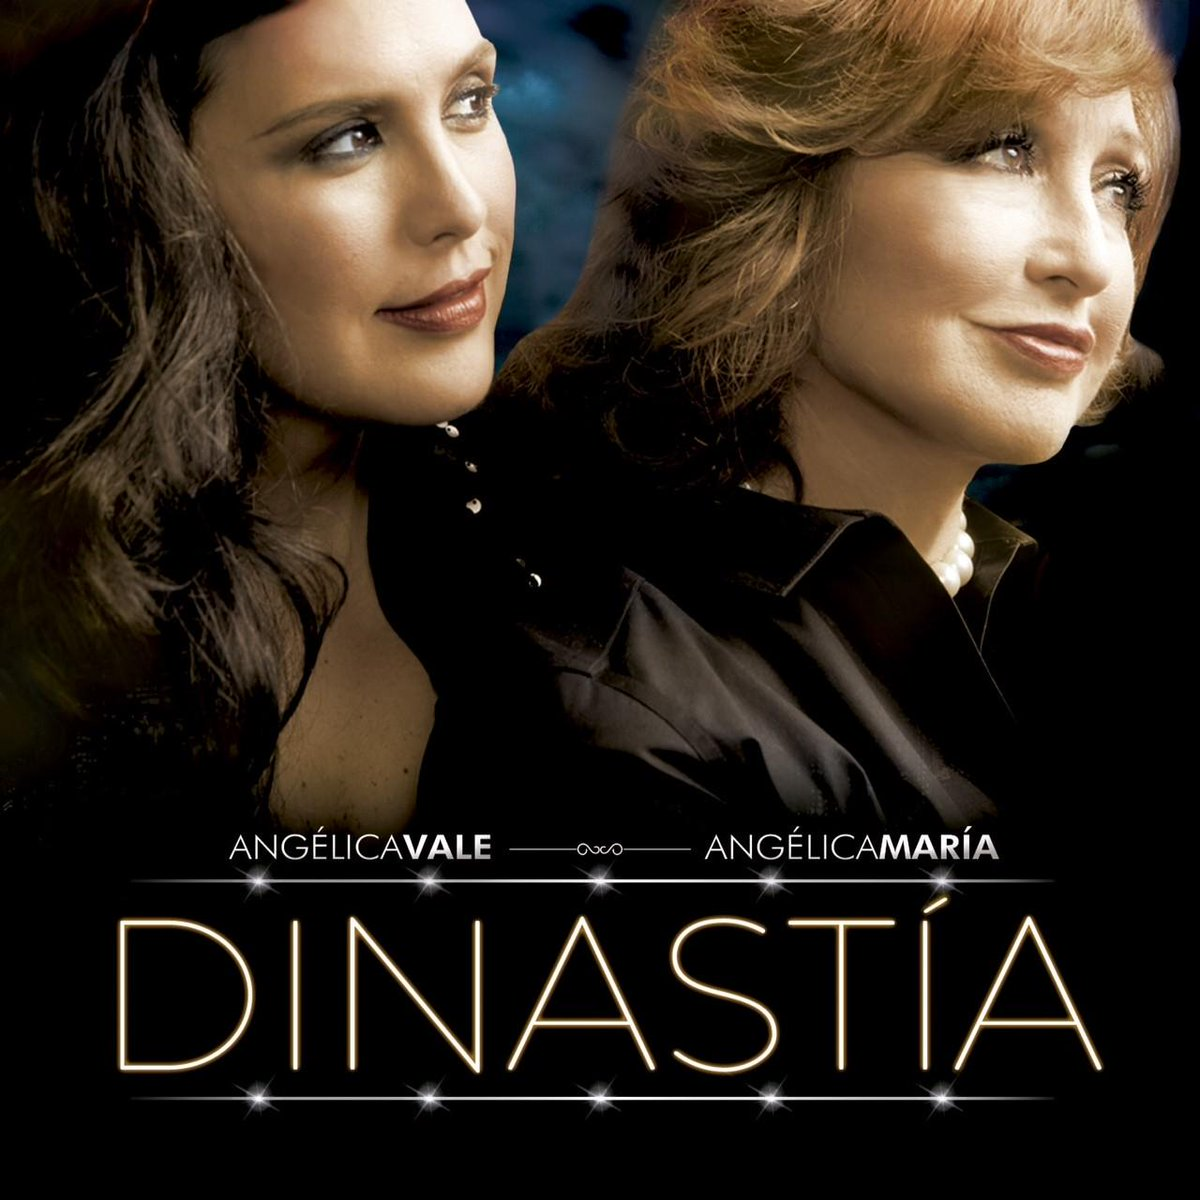 """La """"Dinastía"""" de Angélica María y Angélica Vale se concentra en un álbum de grandes éxitos. ¡Consíguelo en Sanborns! http://t.co/TO6YtE3iRK"""